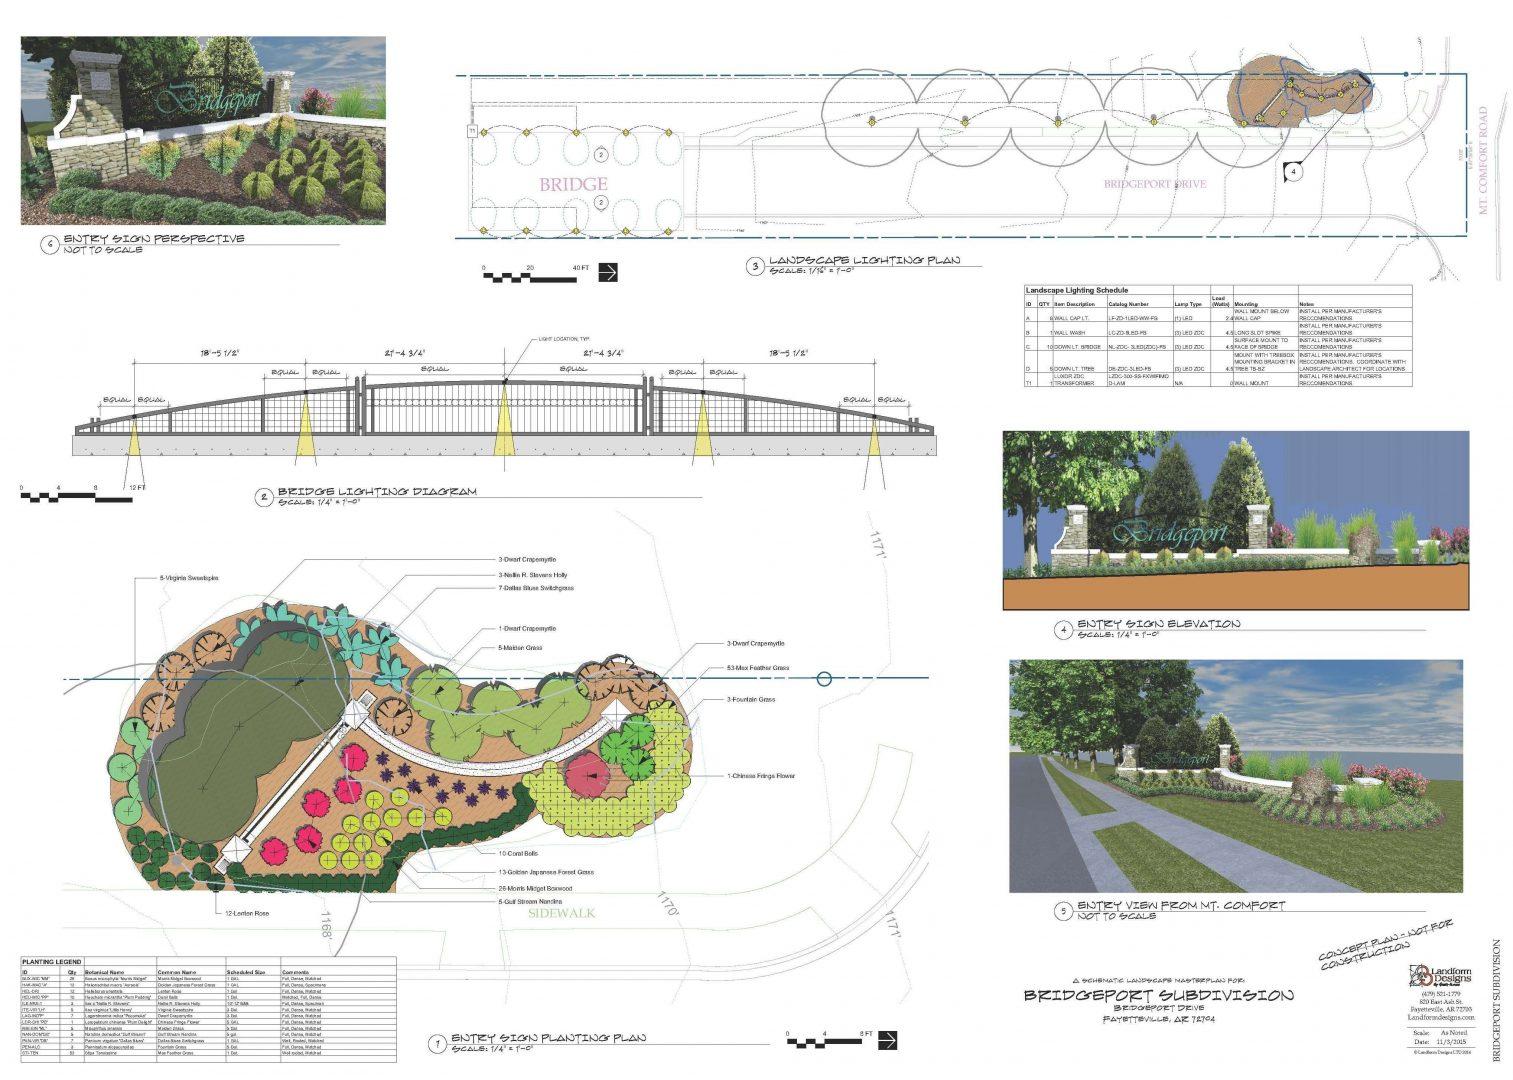 Institutional landscape design Bridgeport